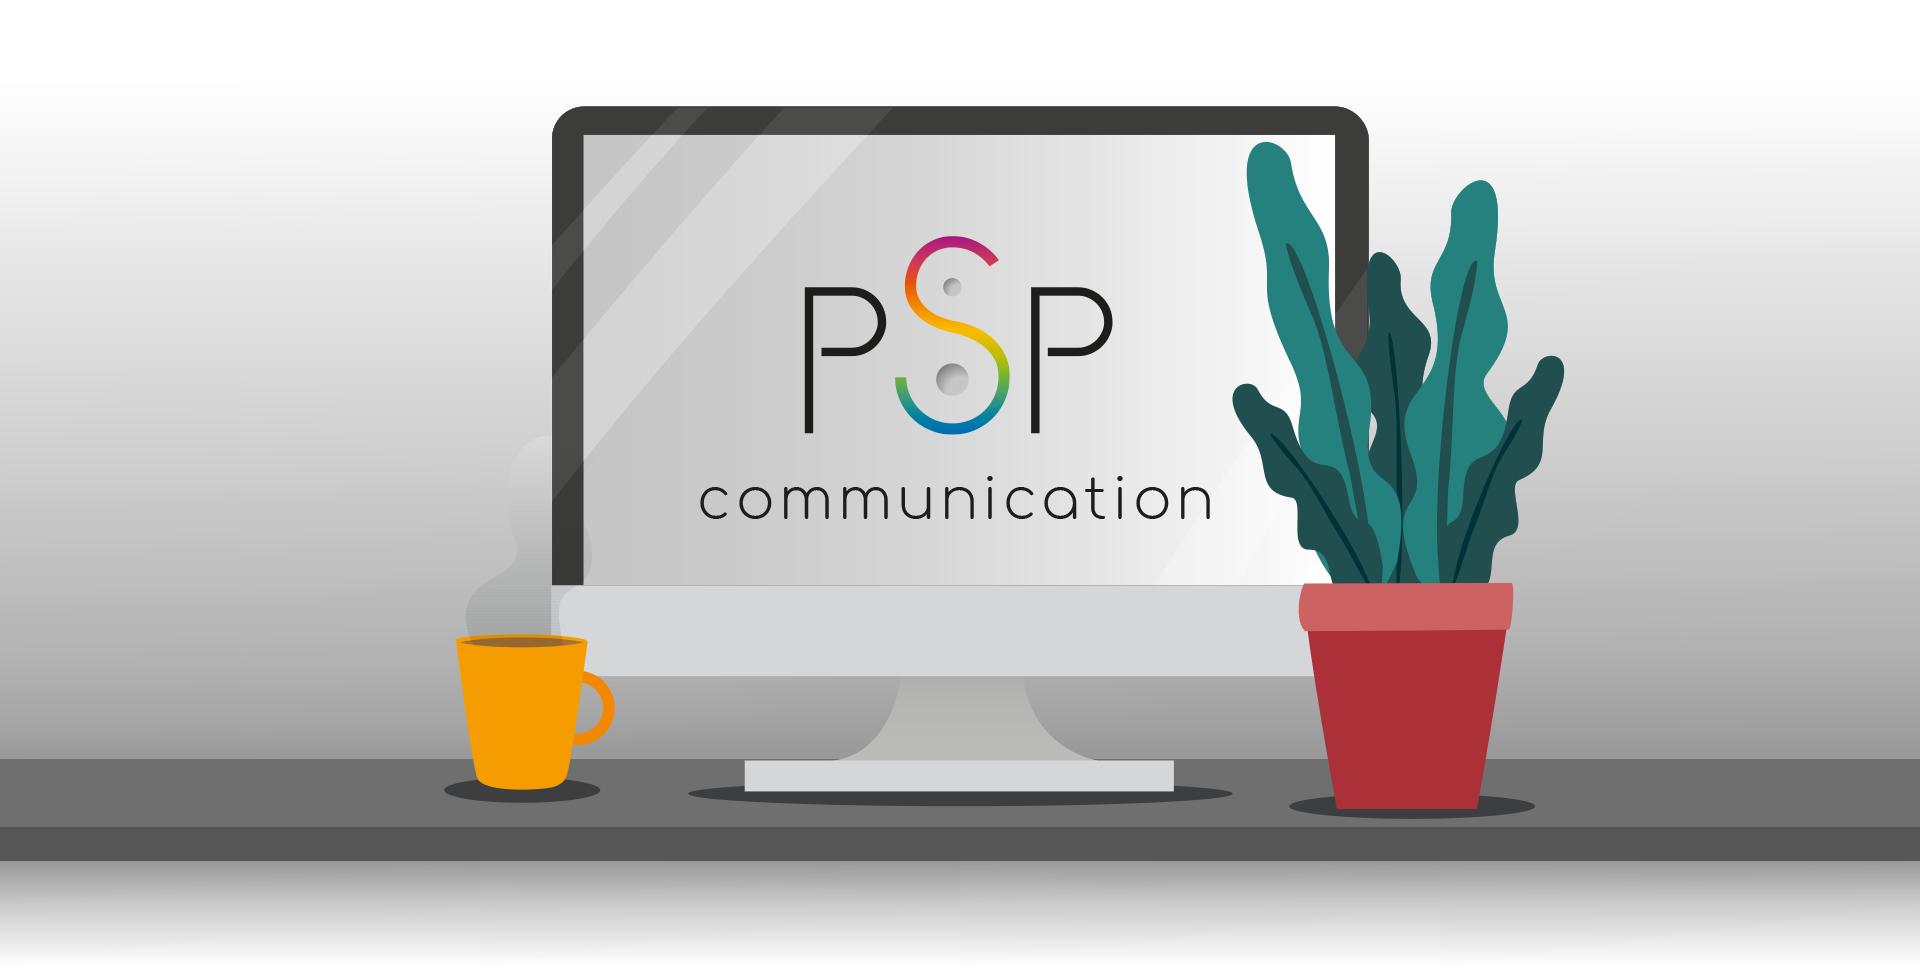 Agenzia Pubblicitaria, grafica pubblicitaria, realizzazione siti web